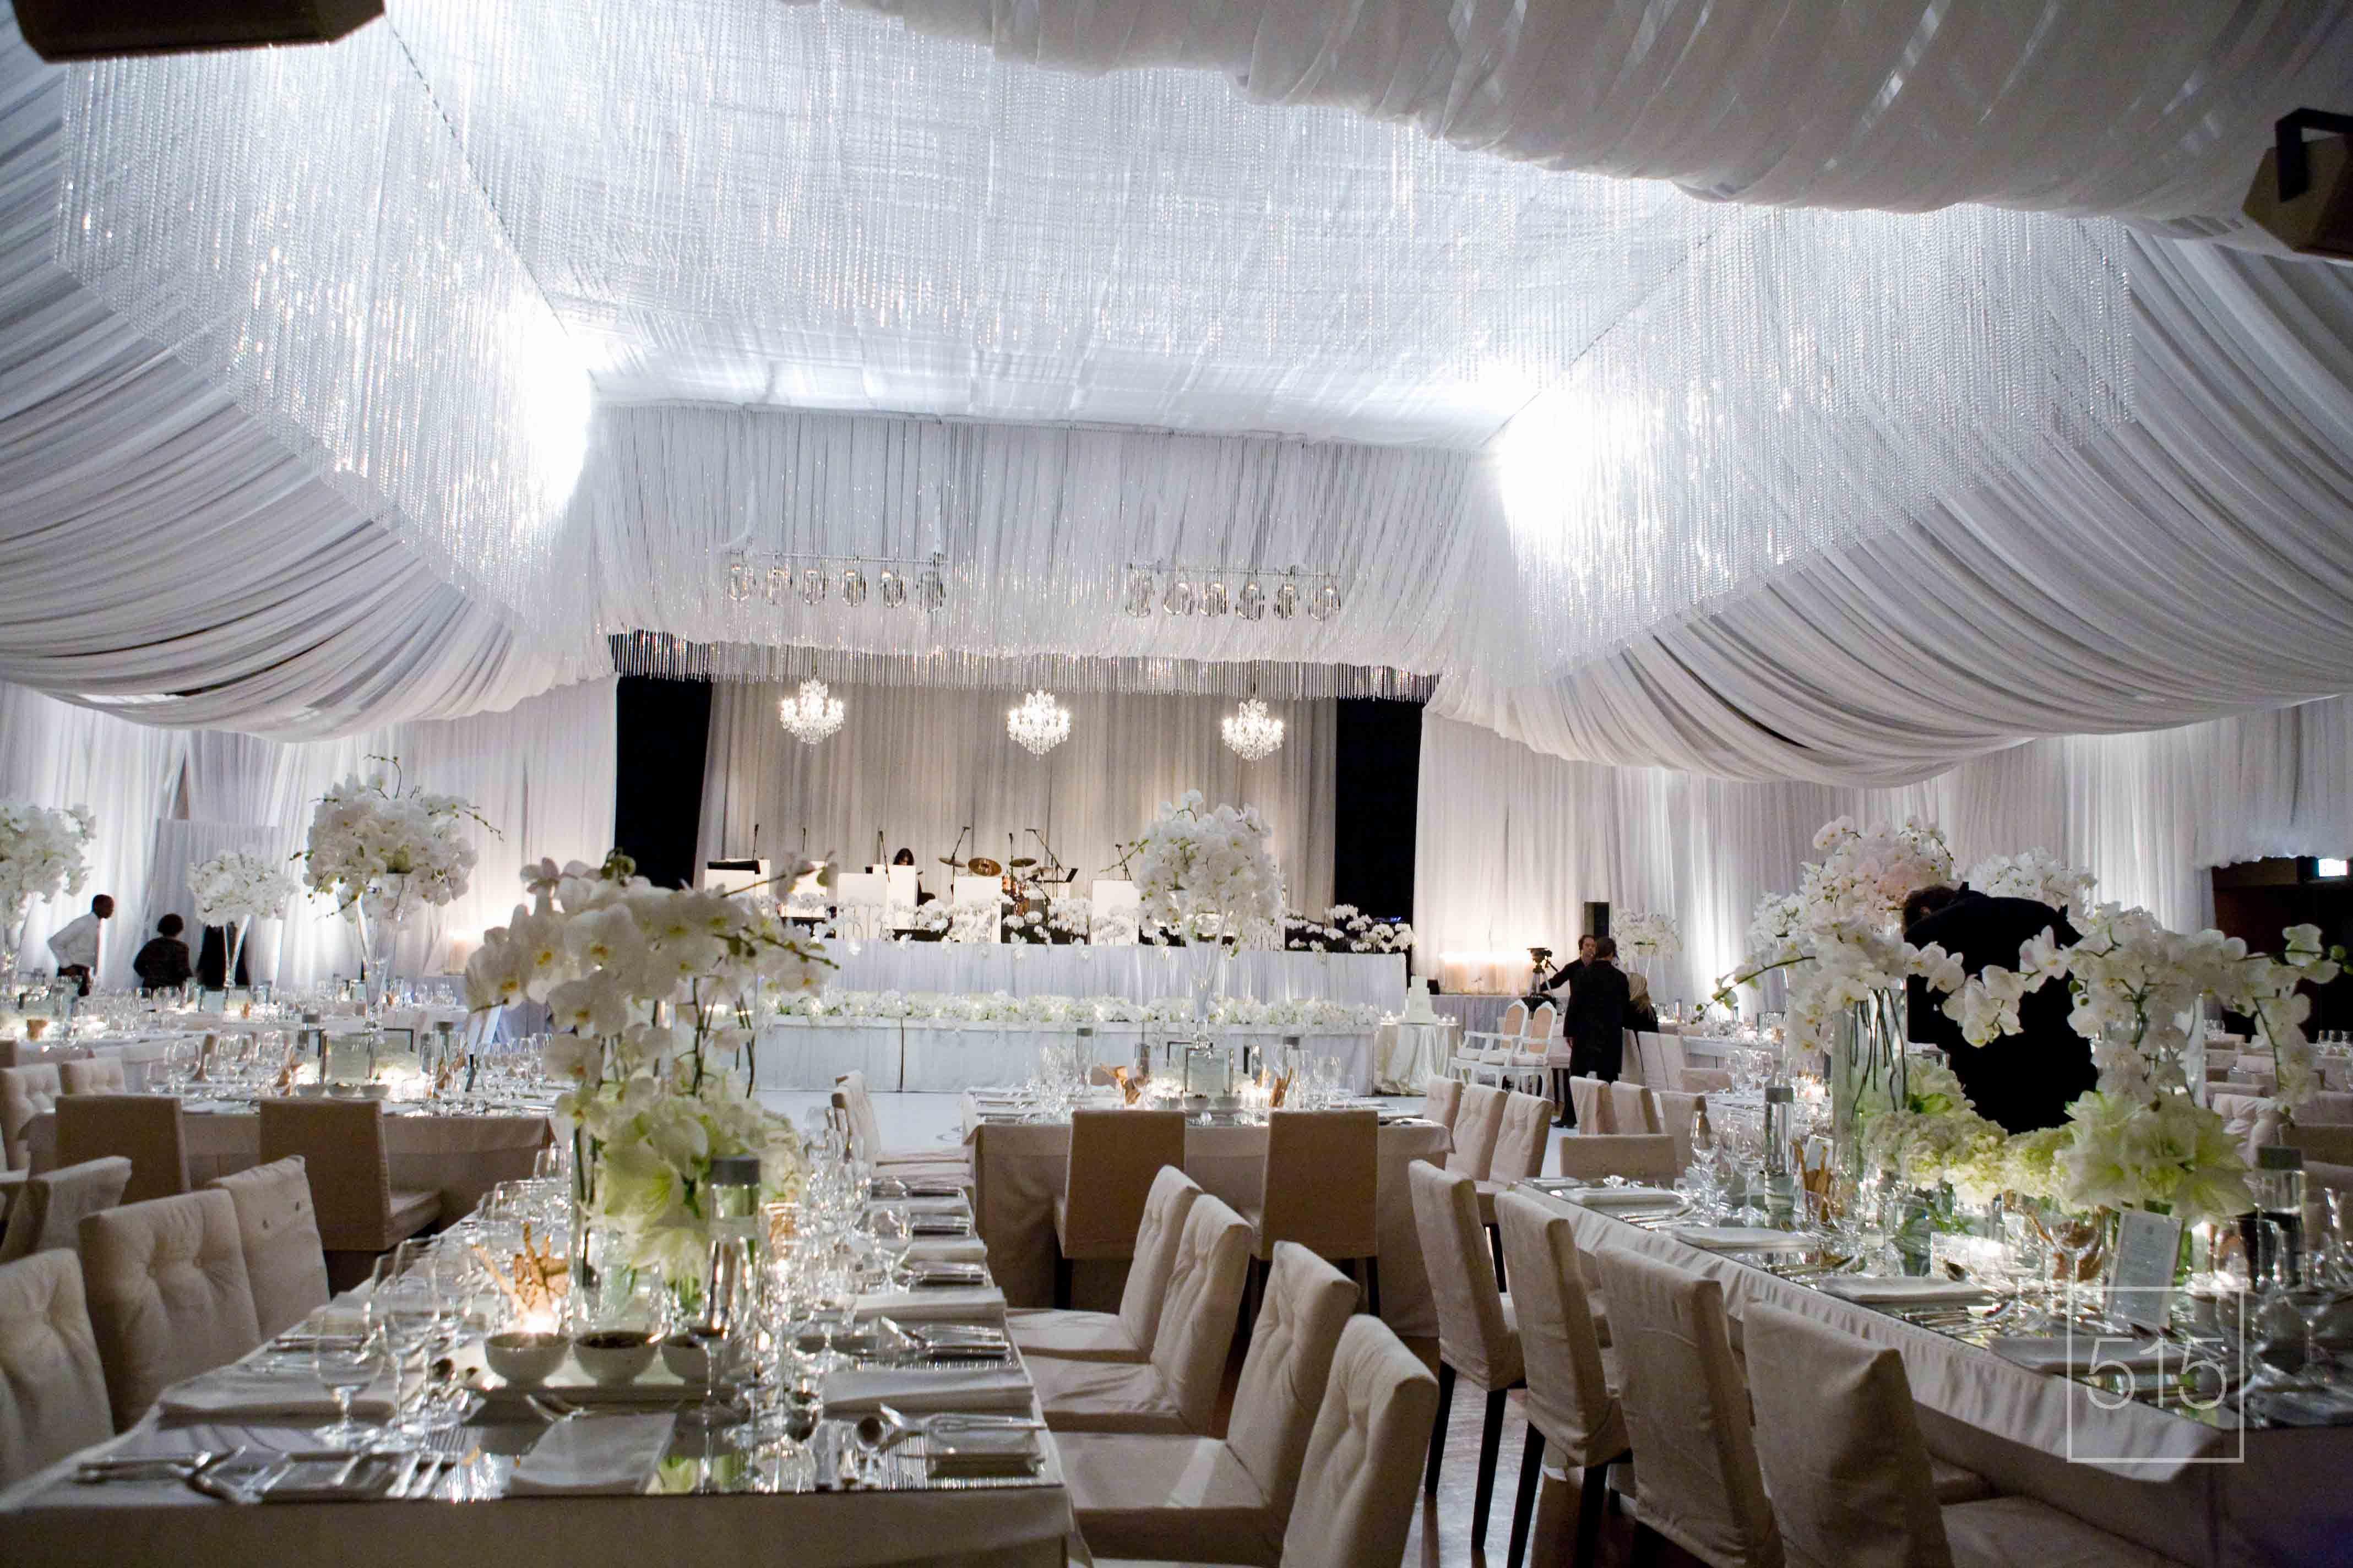 Home The Carlu Wedding Ceiling Decorations Wedding Ceiling Wedding Canopy